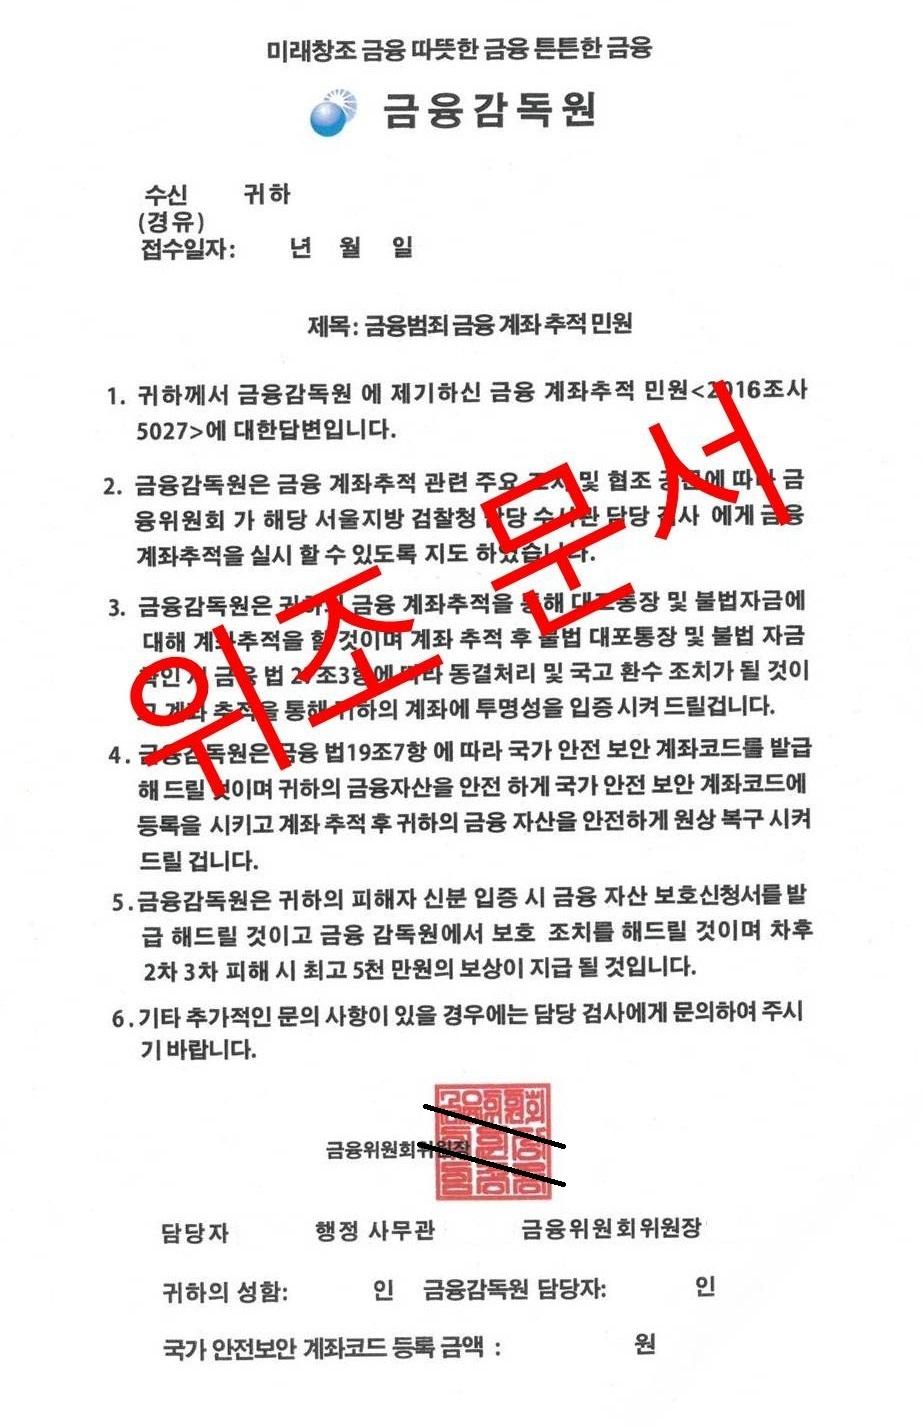 보이스피싱 조직이 만든 가짜 금융감독원 현금보관증[사진 인천지방경찰청]